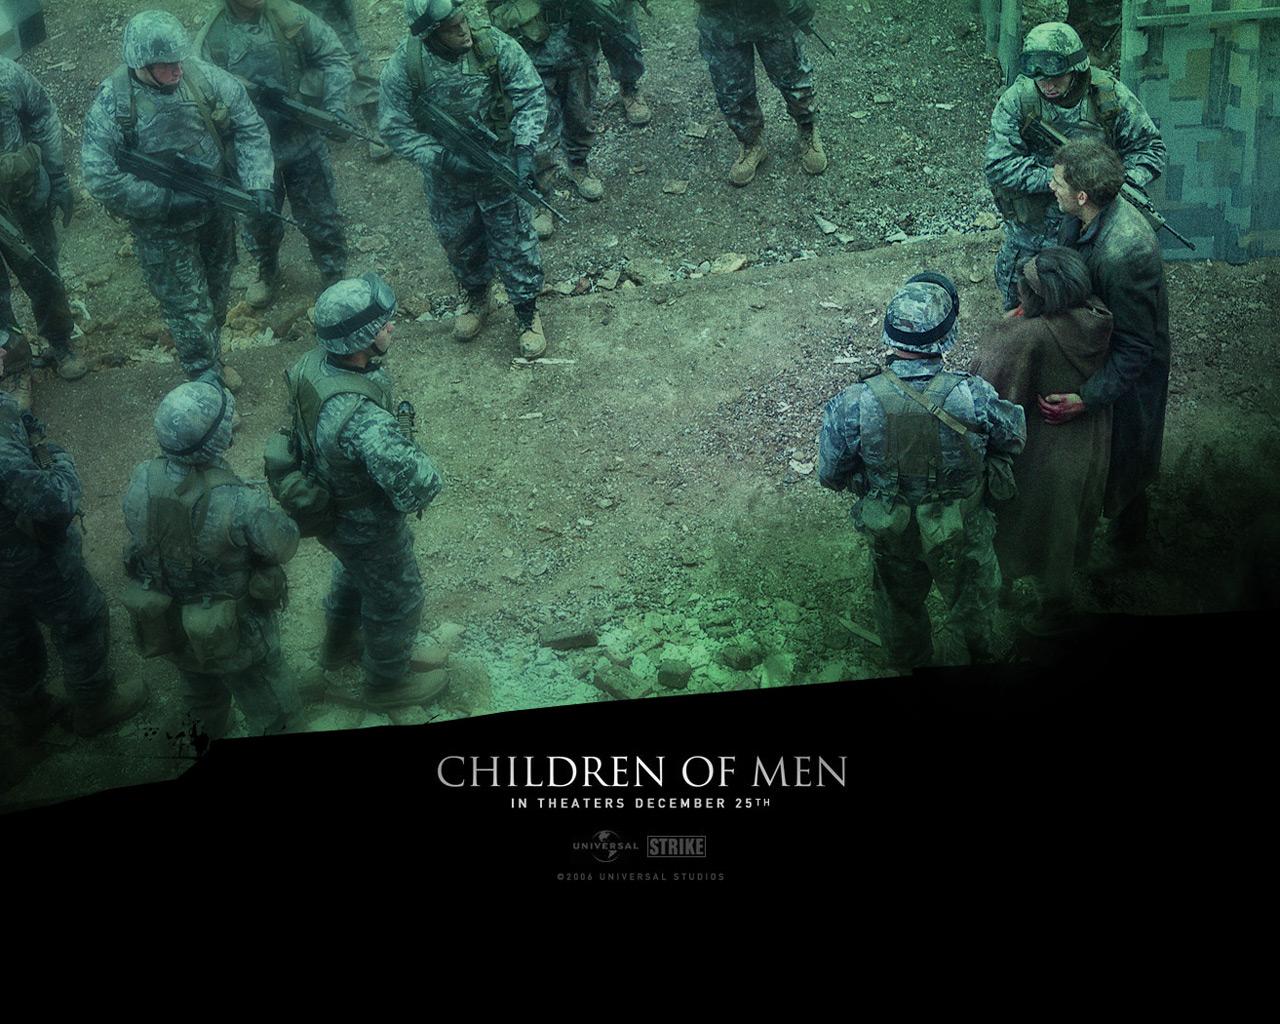 http://2.bp.blogspot.com/-eTZC3ecvq8s/T9I35CDWUzI/AAAAAAAAA0E/PKh_gADs5yw/s1600/Children+of+Men-07.jpg